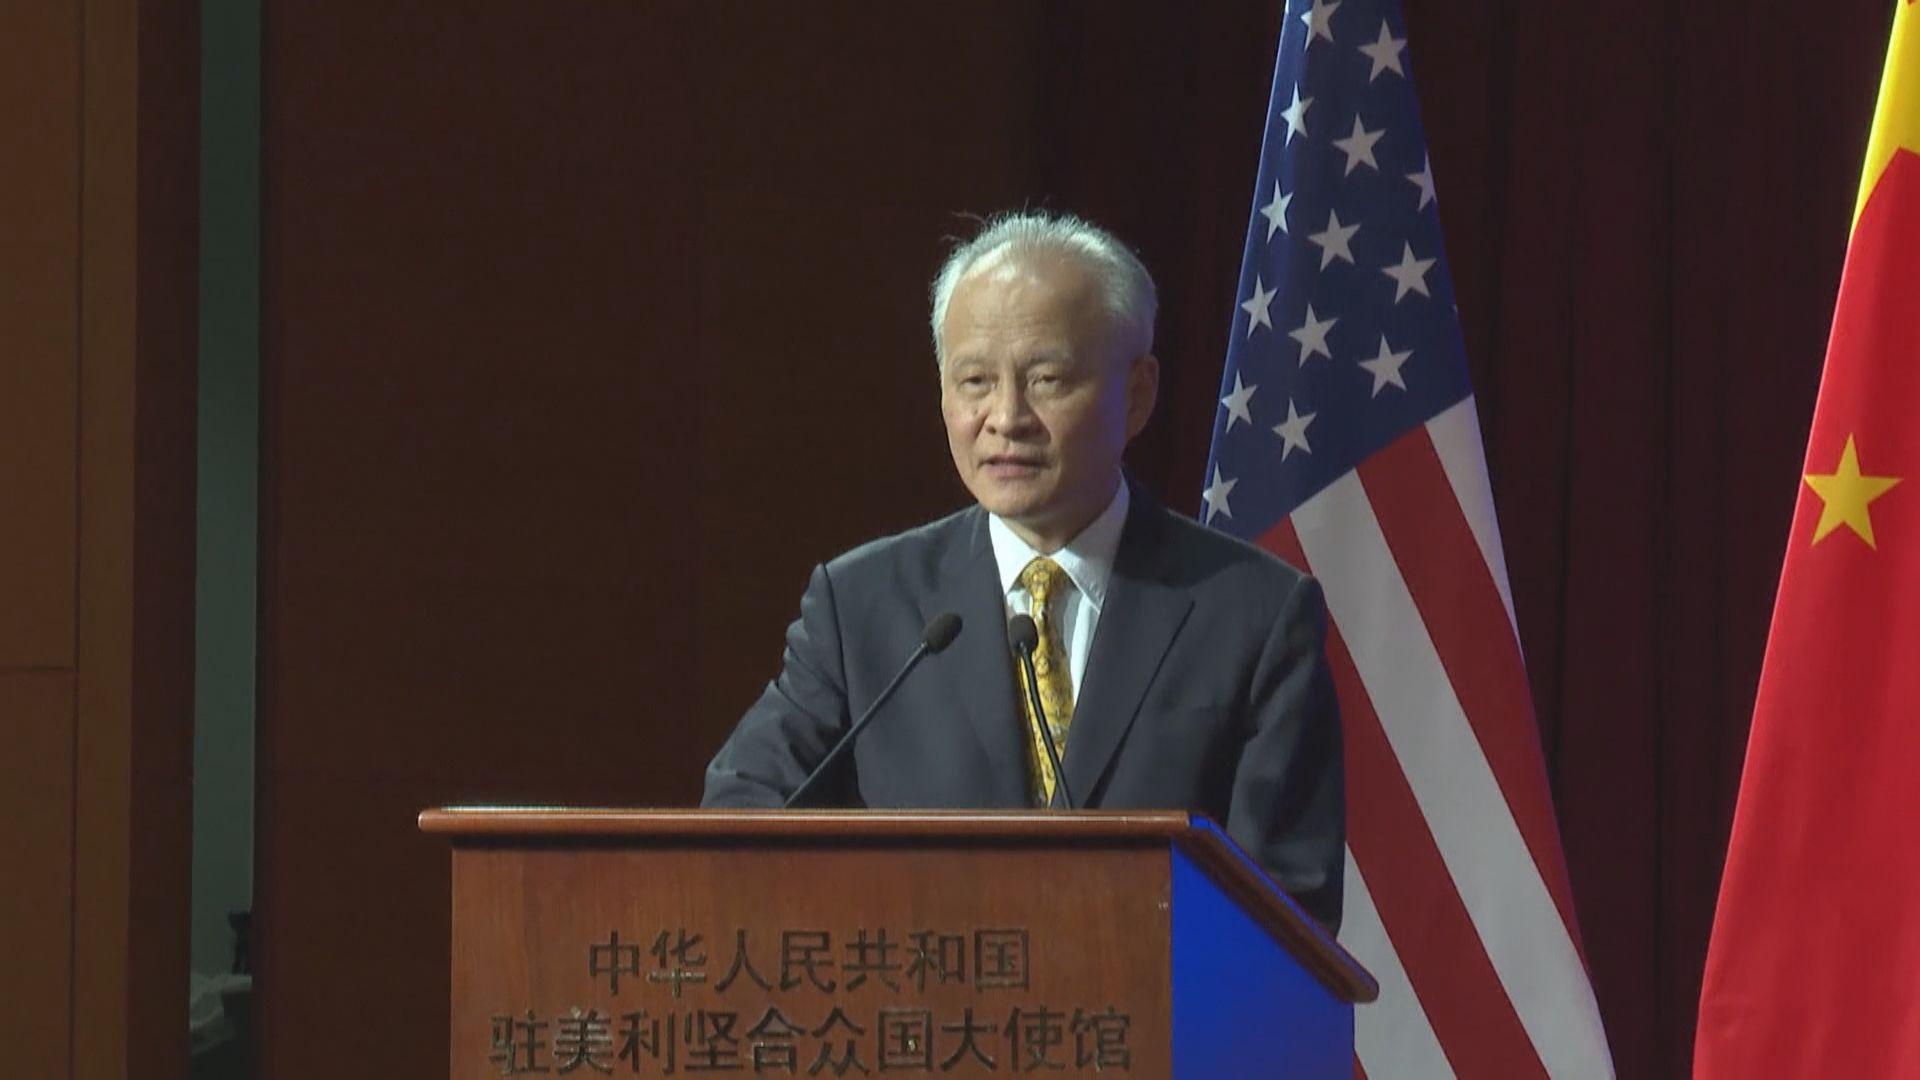 中國駐美大使崔天凱將離任回國 至今未公布繼任人選